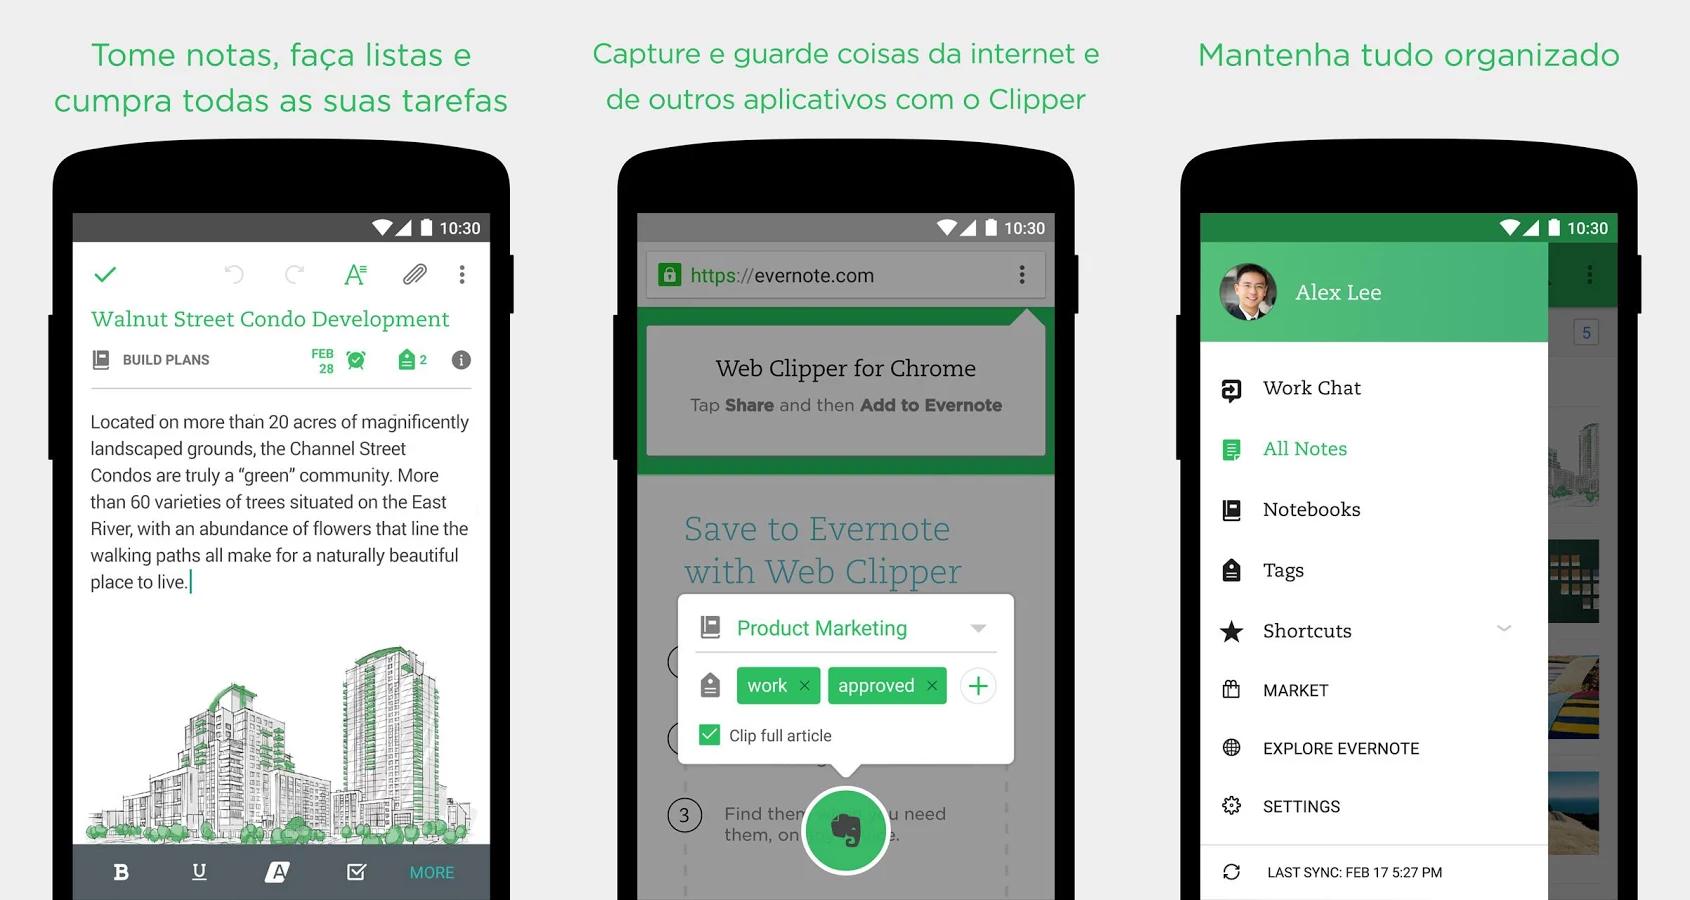 evernote-app-da-semana